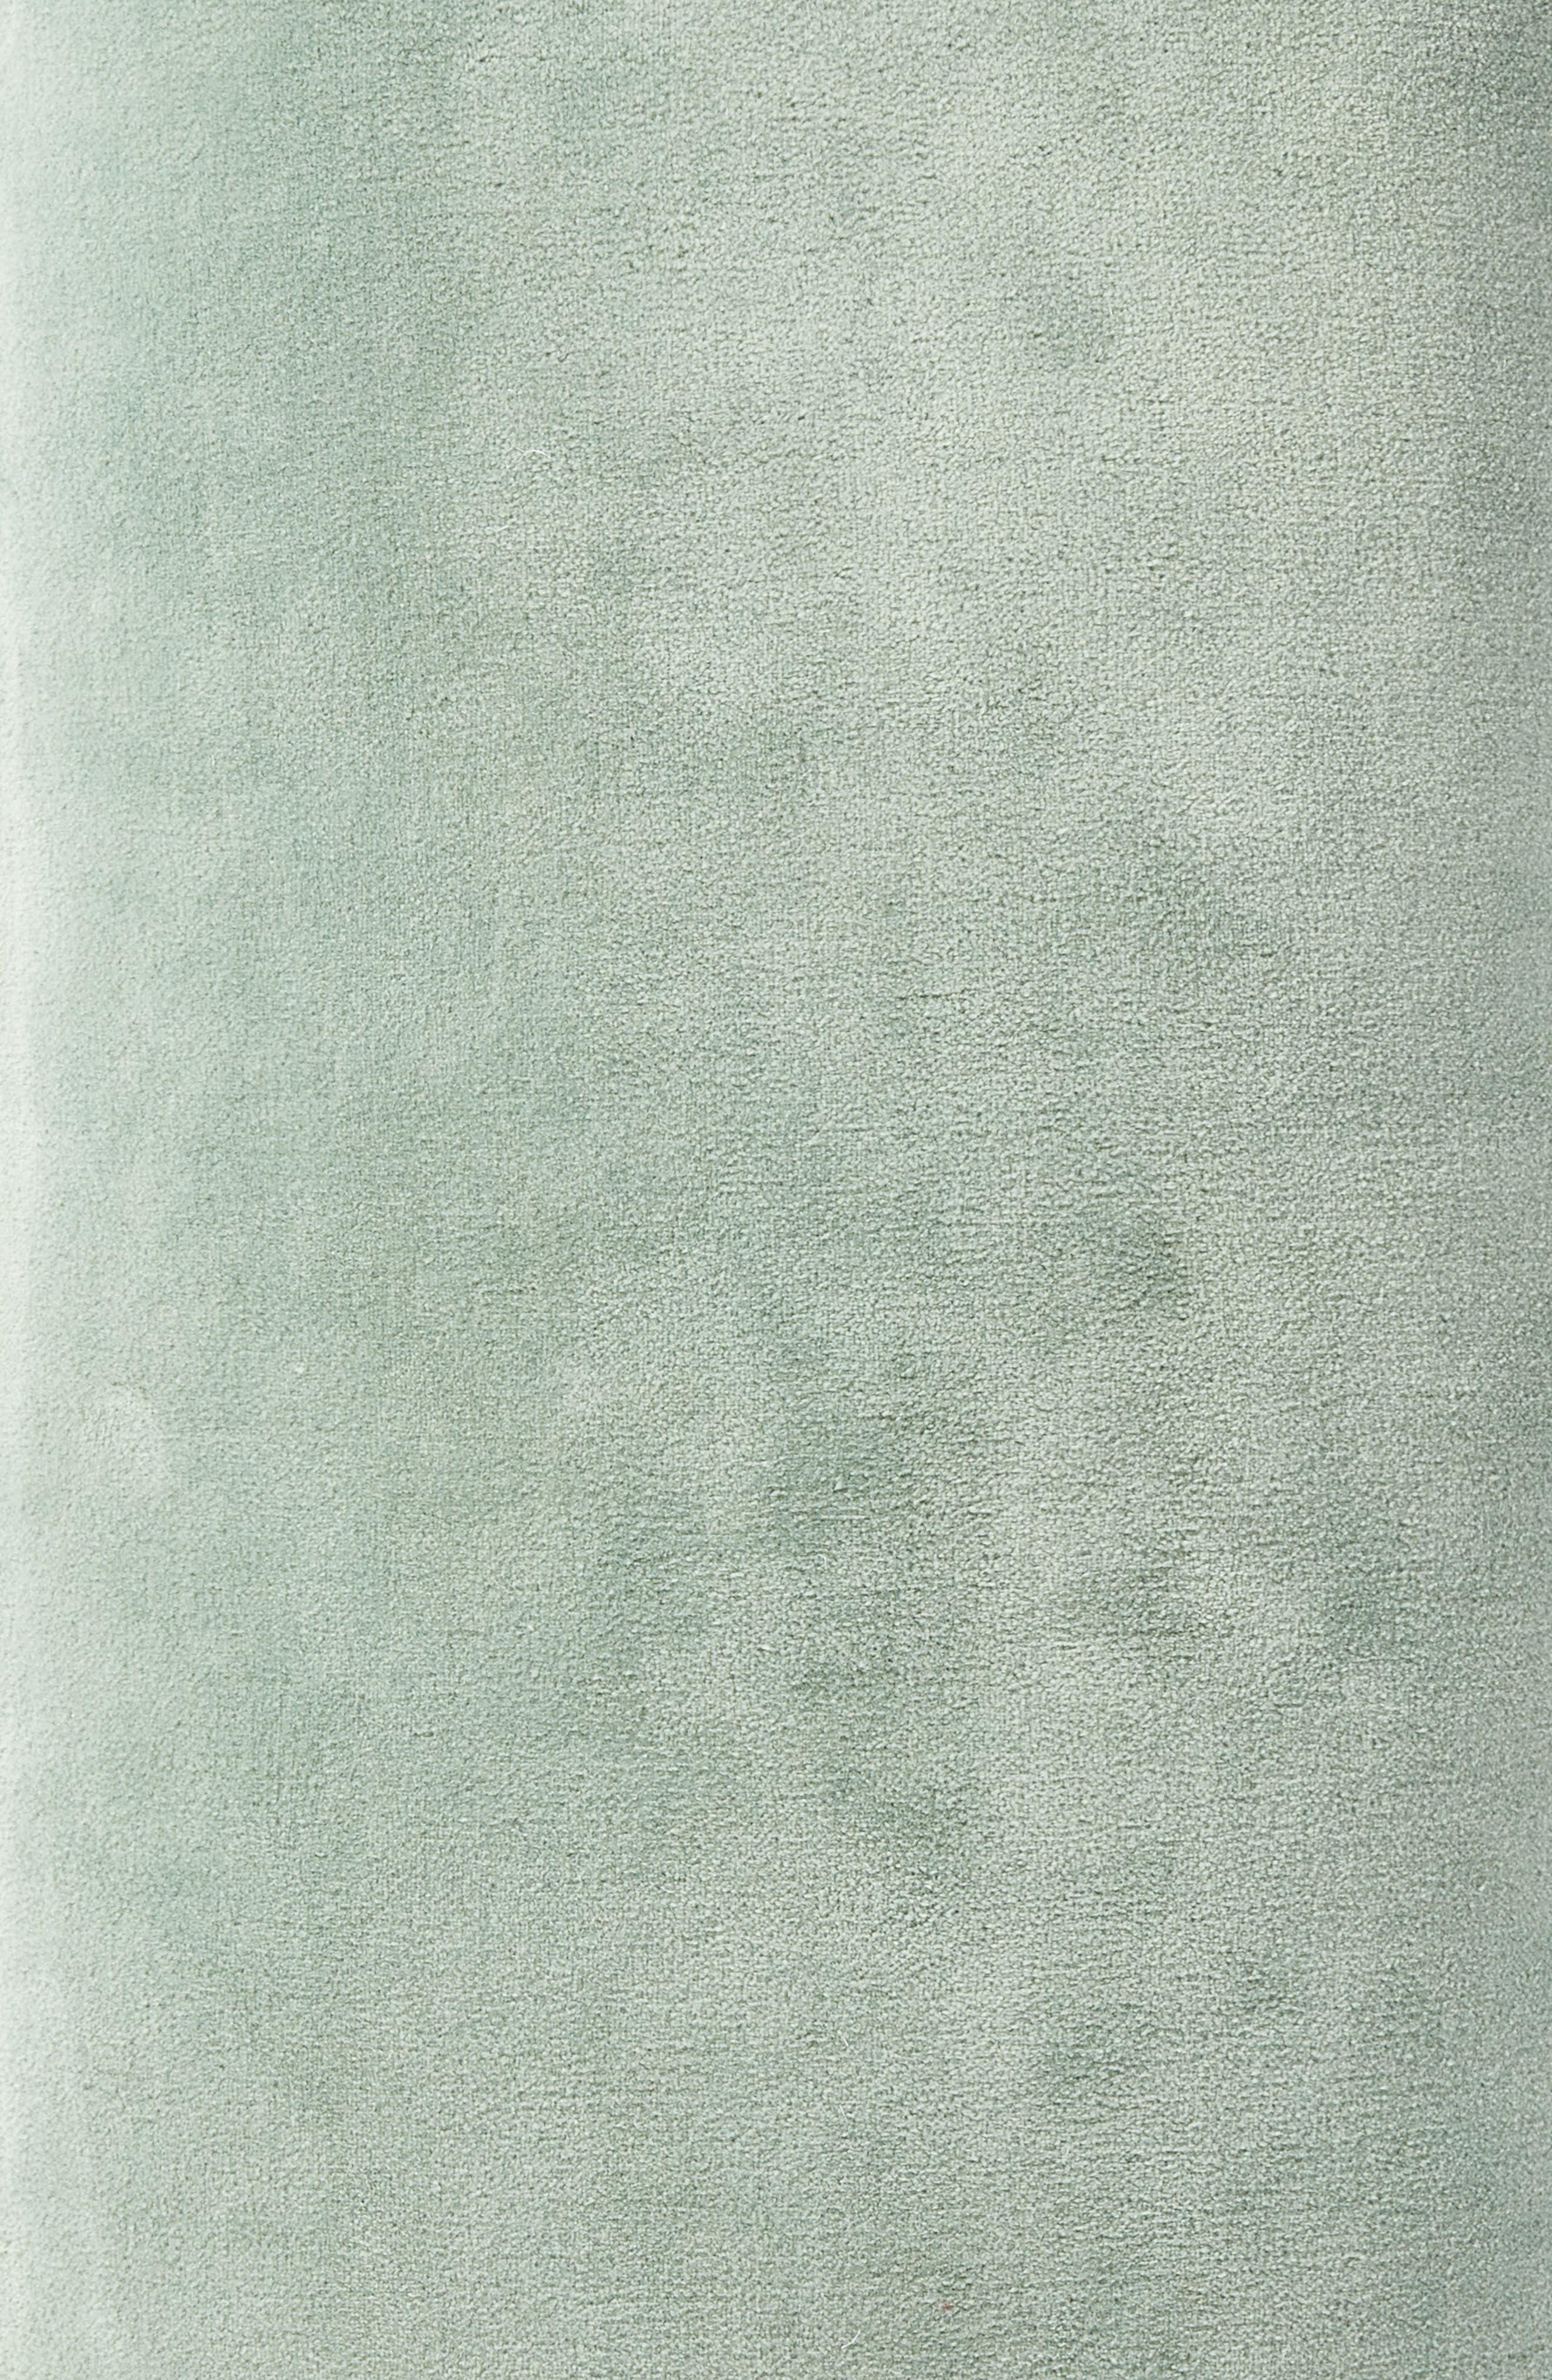 Velvet Accent Pillow,                             Alternate thumbnail 5, color,                             Green Slate